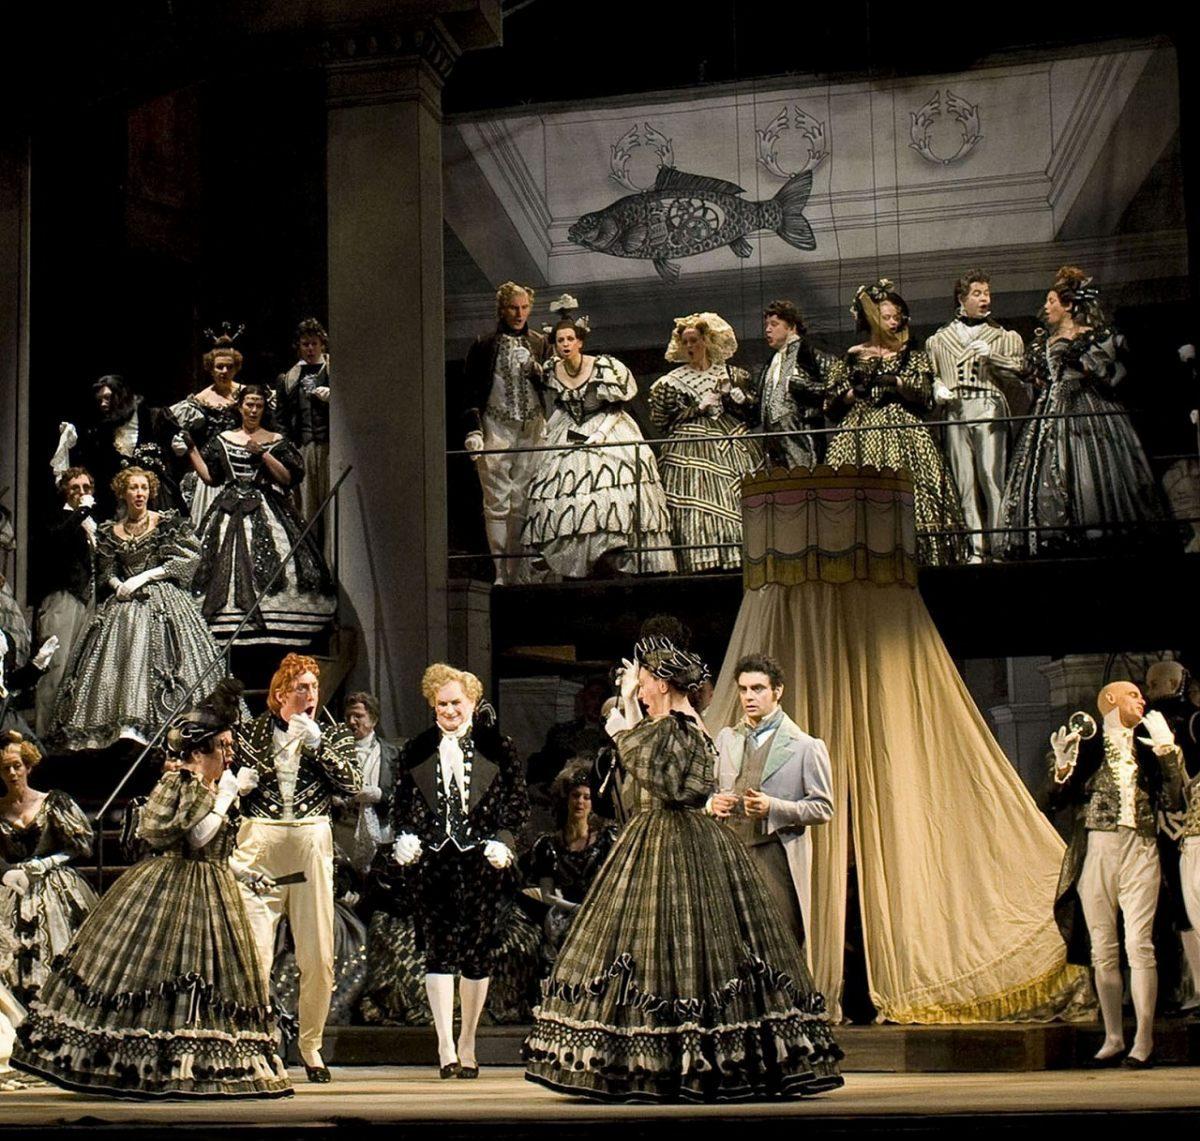 美しい舞台に粒ぞろいのキャストで最終上演!長く愛され続けてきた看板演目の見事なフィナーレ―――英国ロイヤル・オペラ・ハウス シネマシーズン「ホフマン物語」